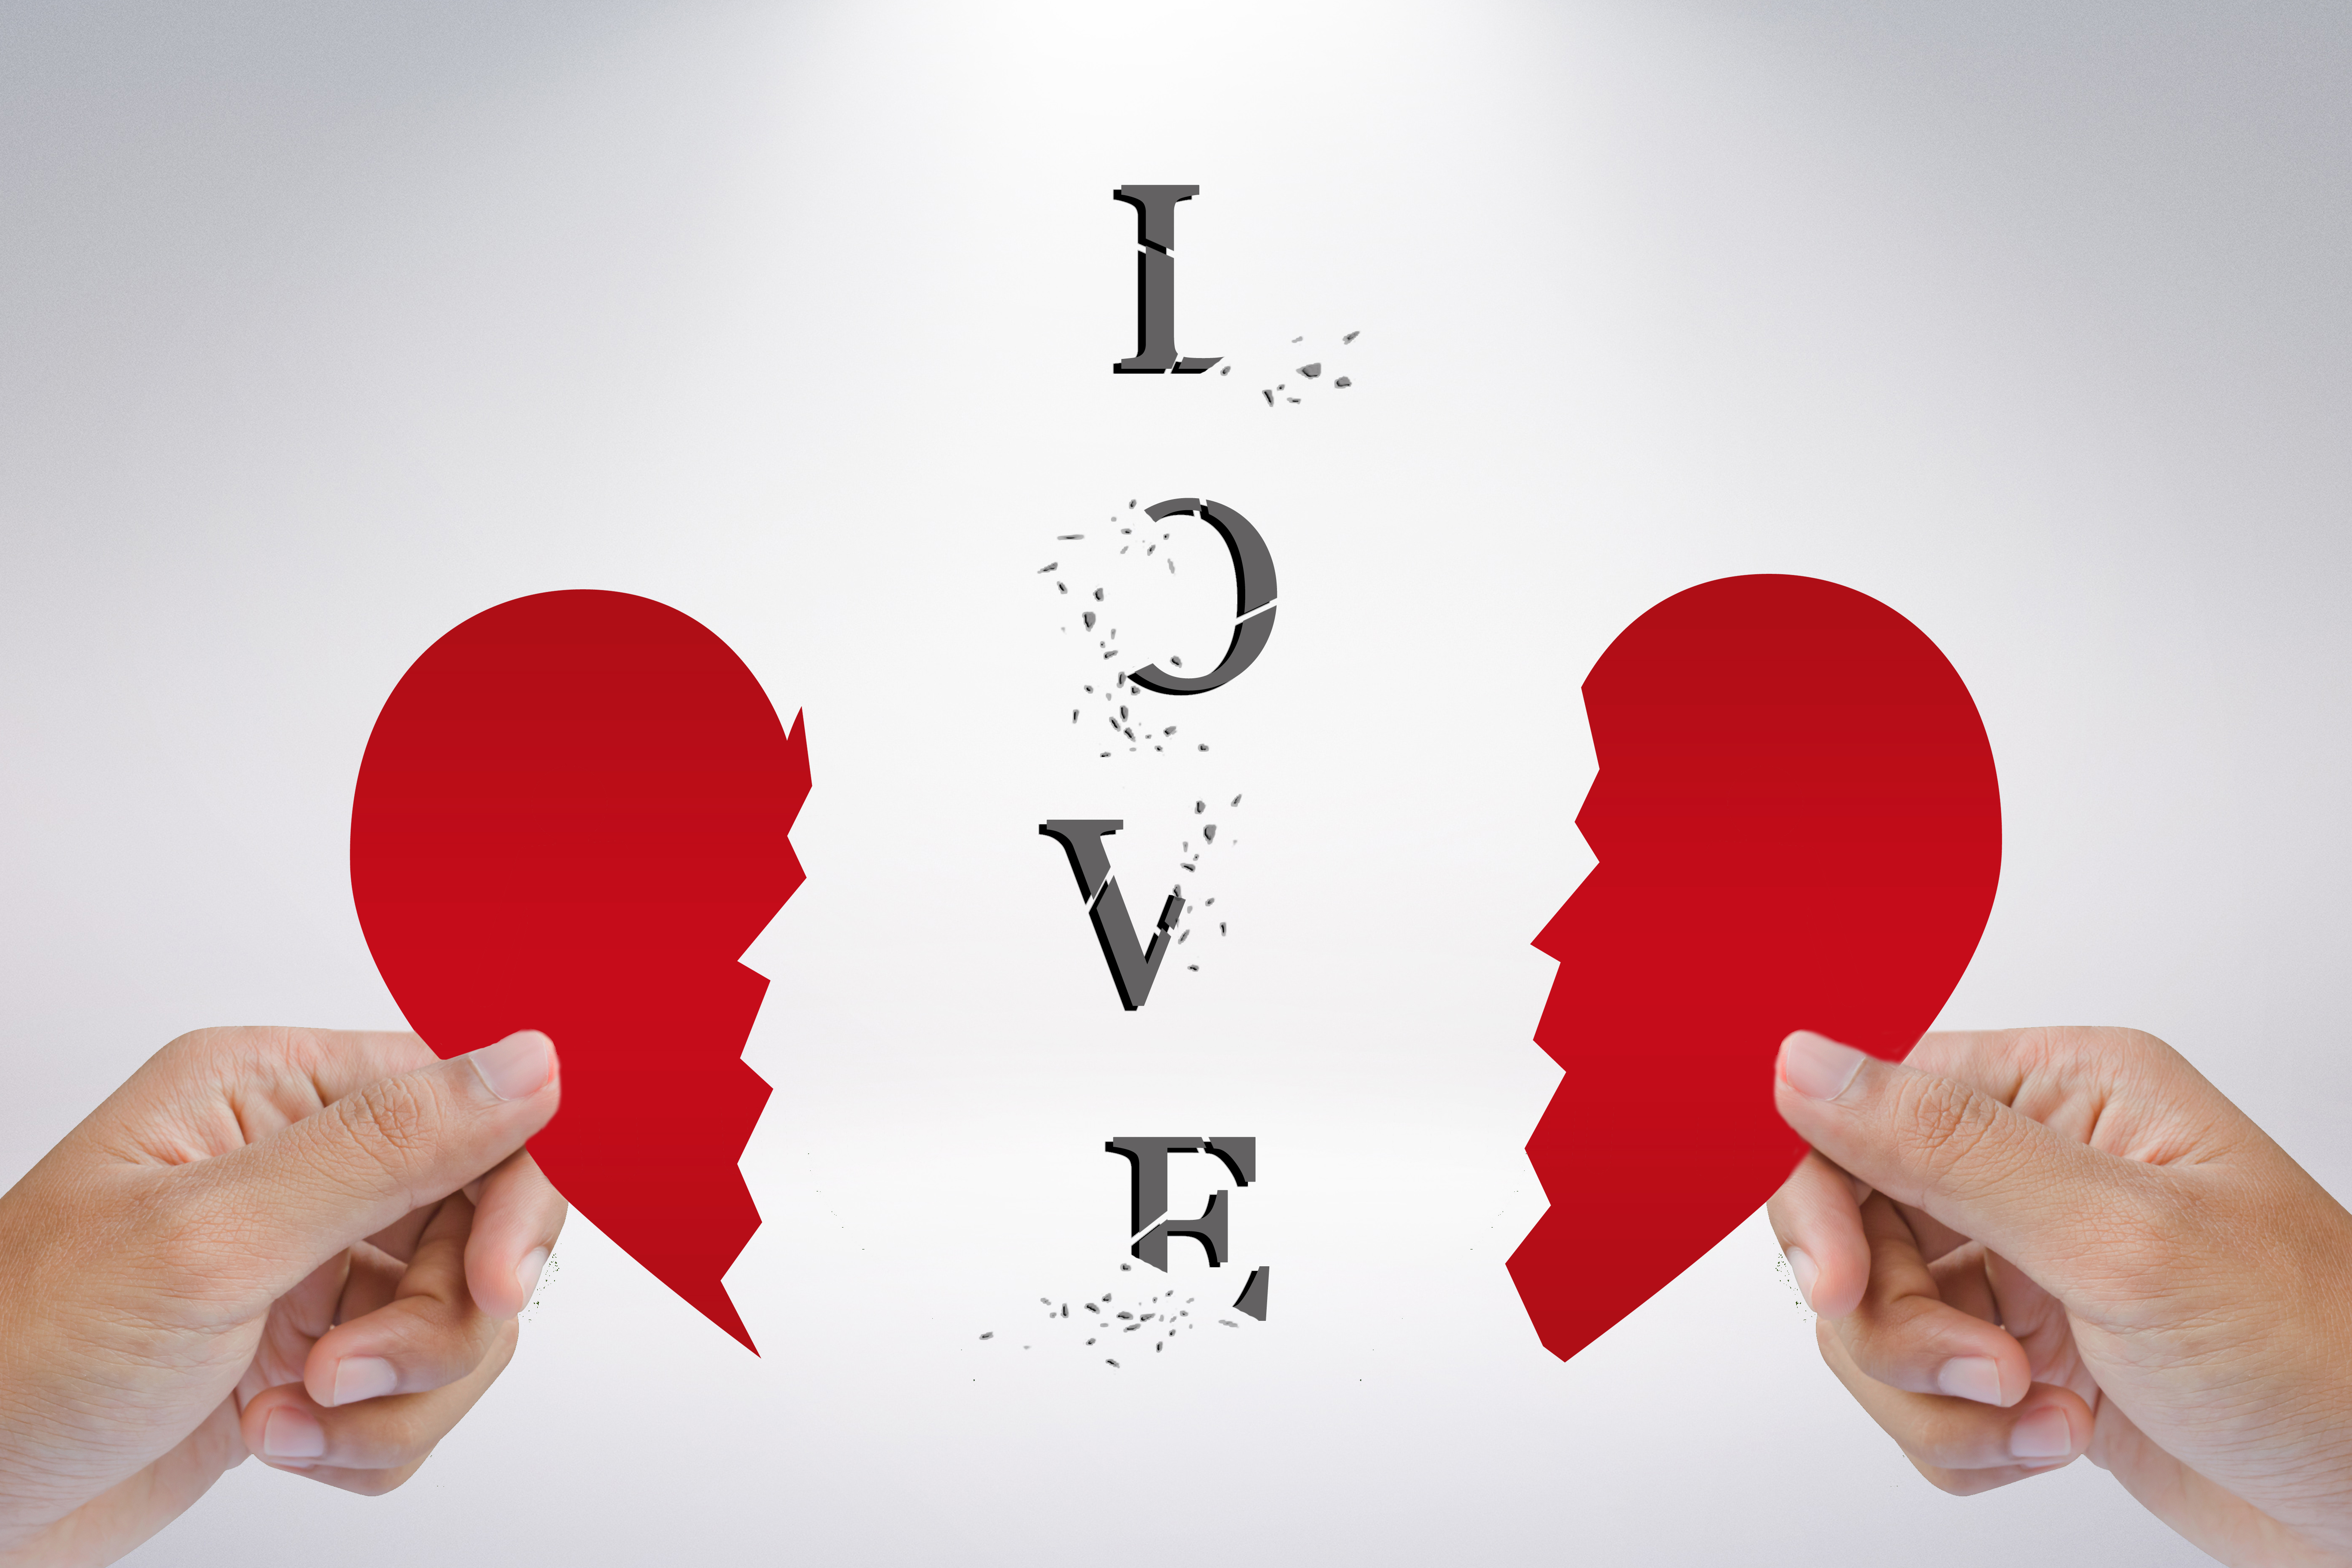 异地补办离婚证的具体流程